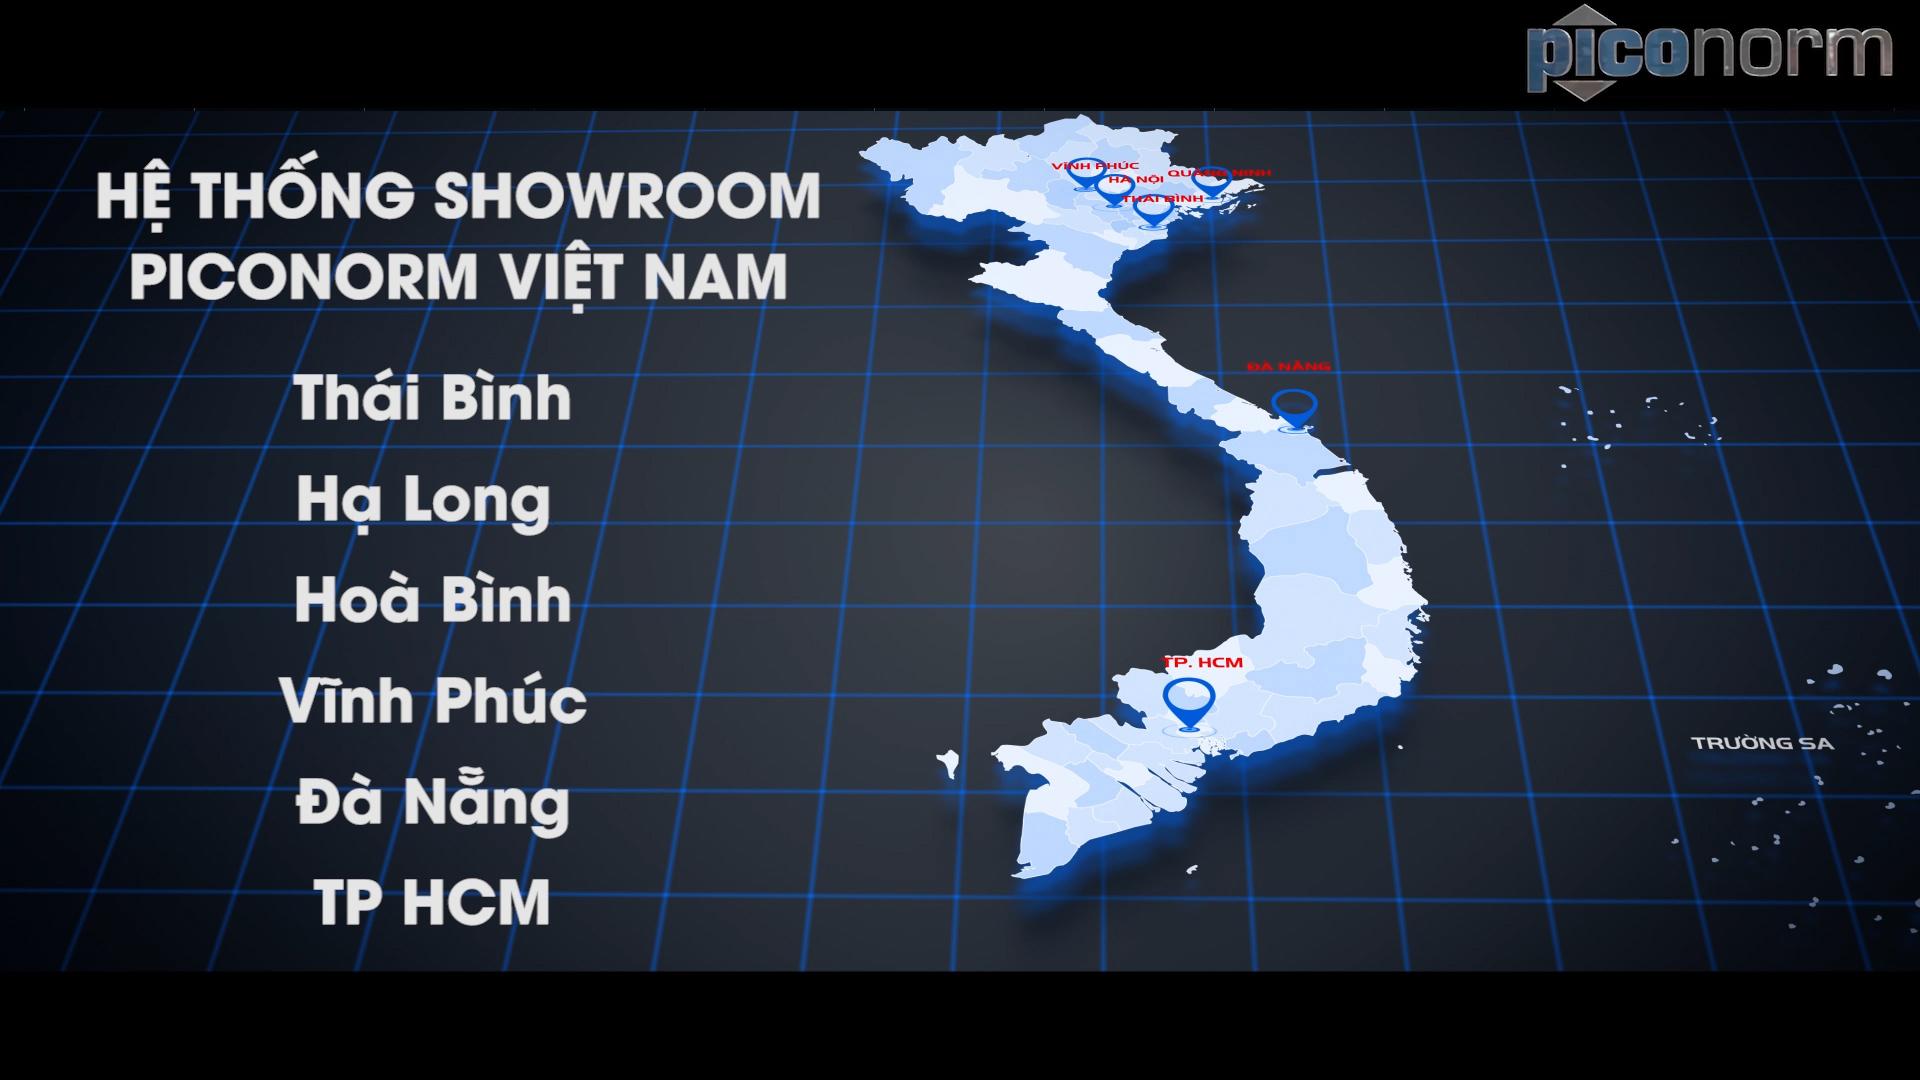 Bản đồ hoạt động của Piconorm